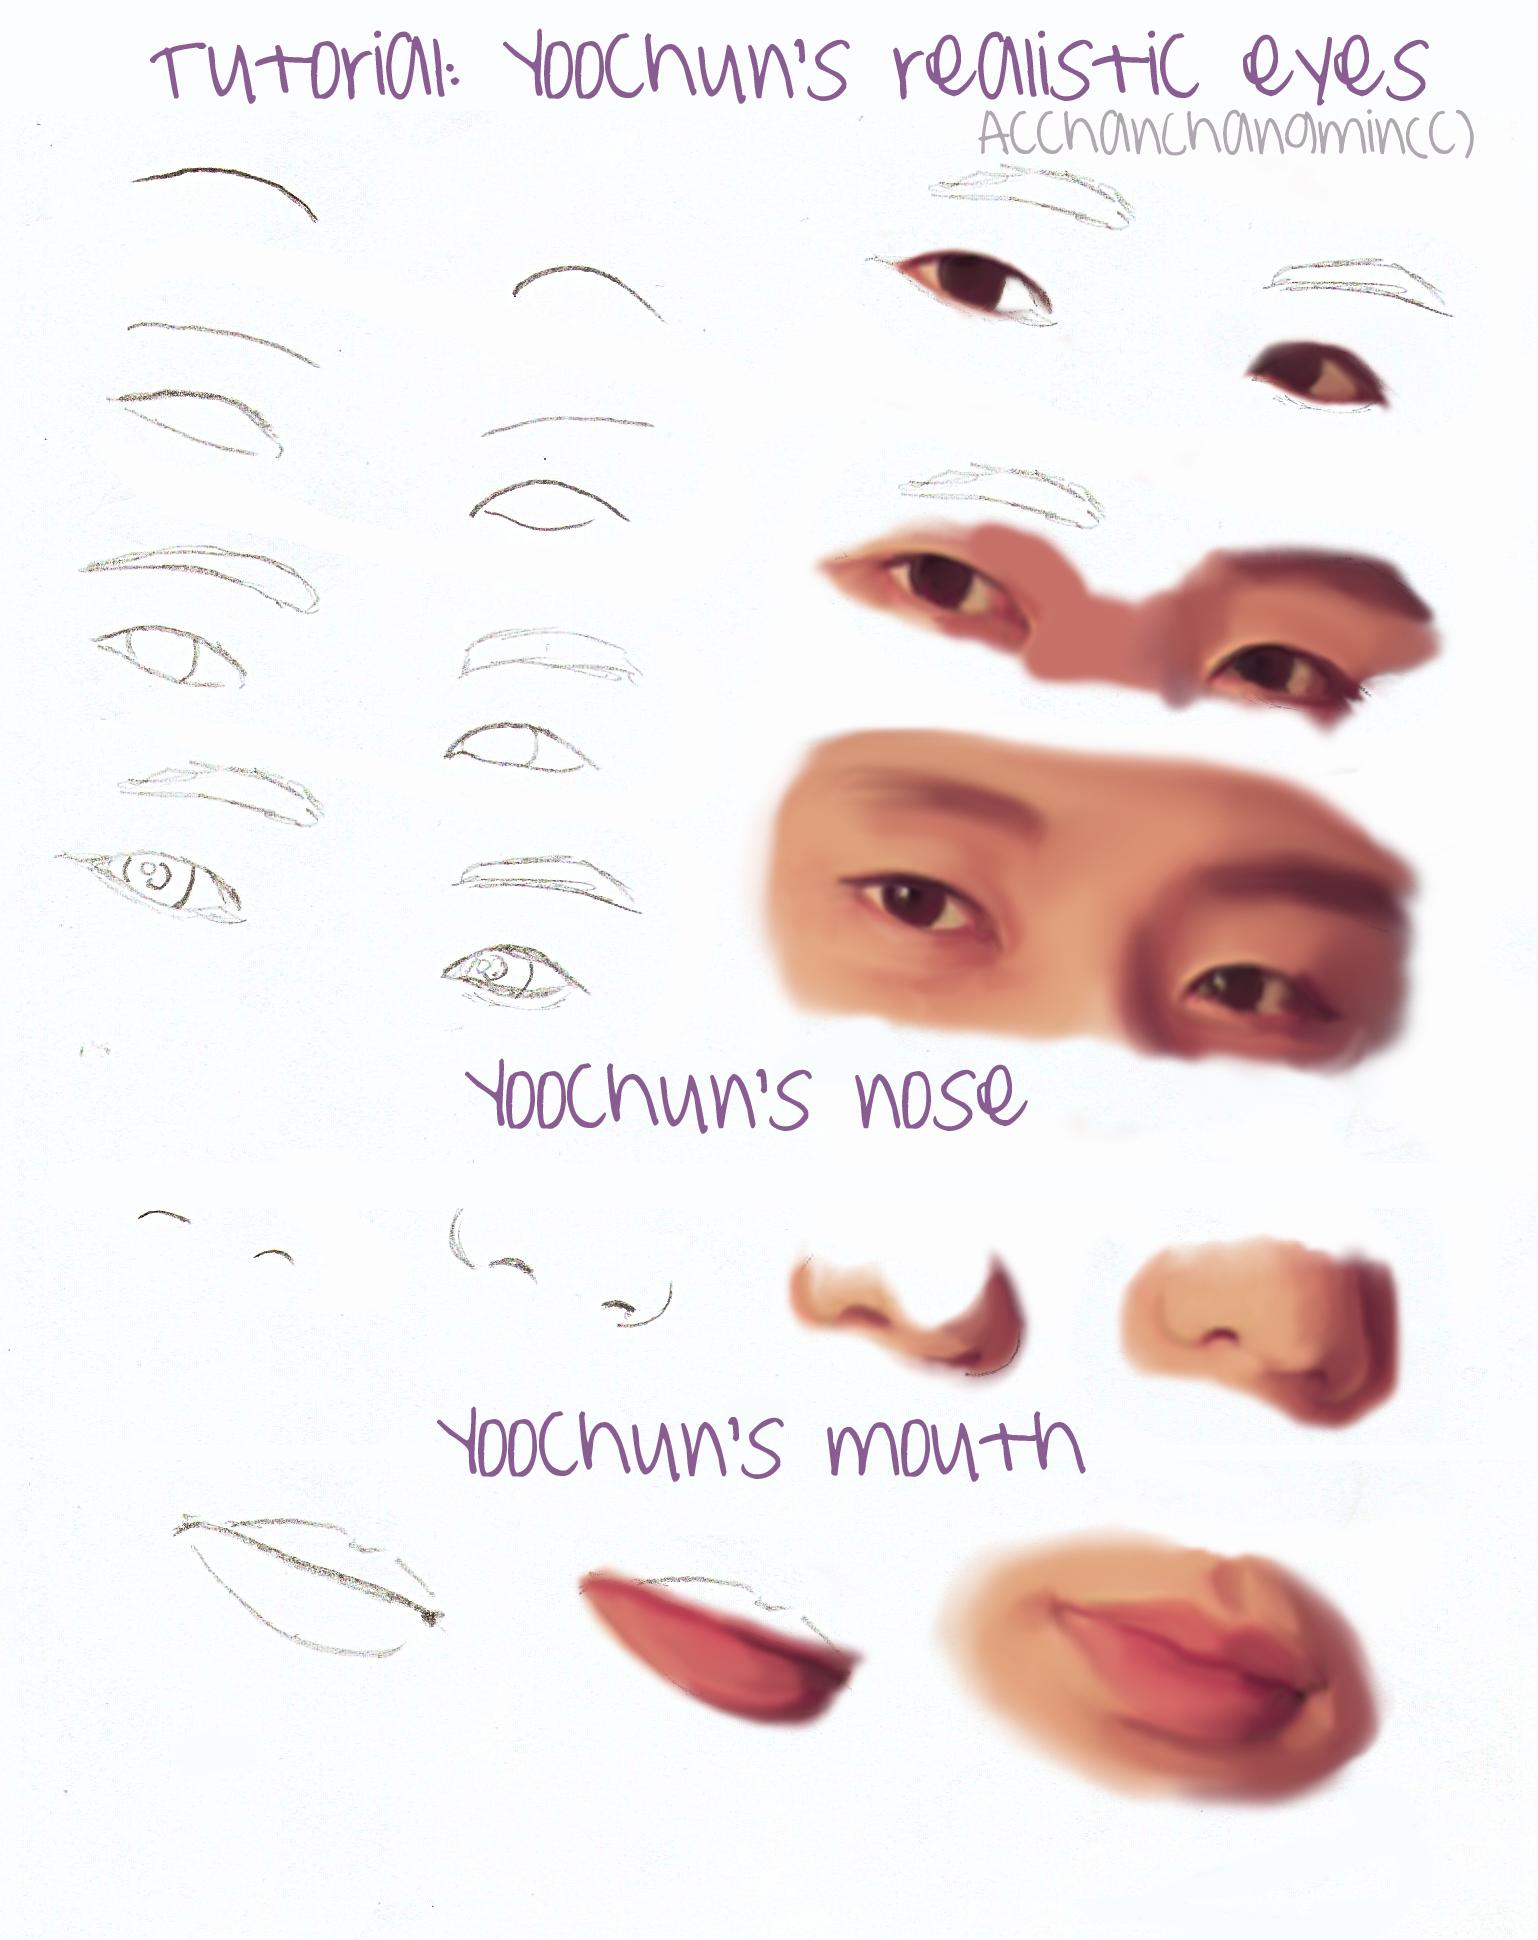 Tutorial: Yoochun's details by AcchanChangmin